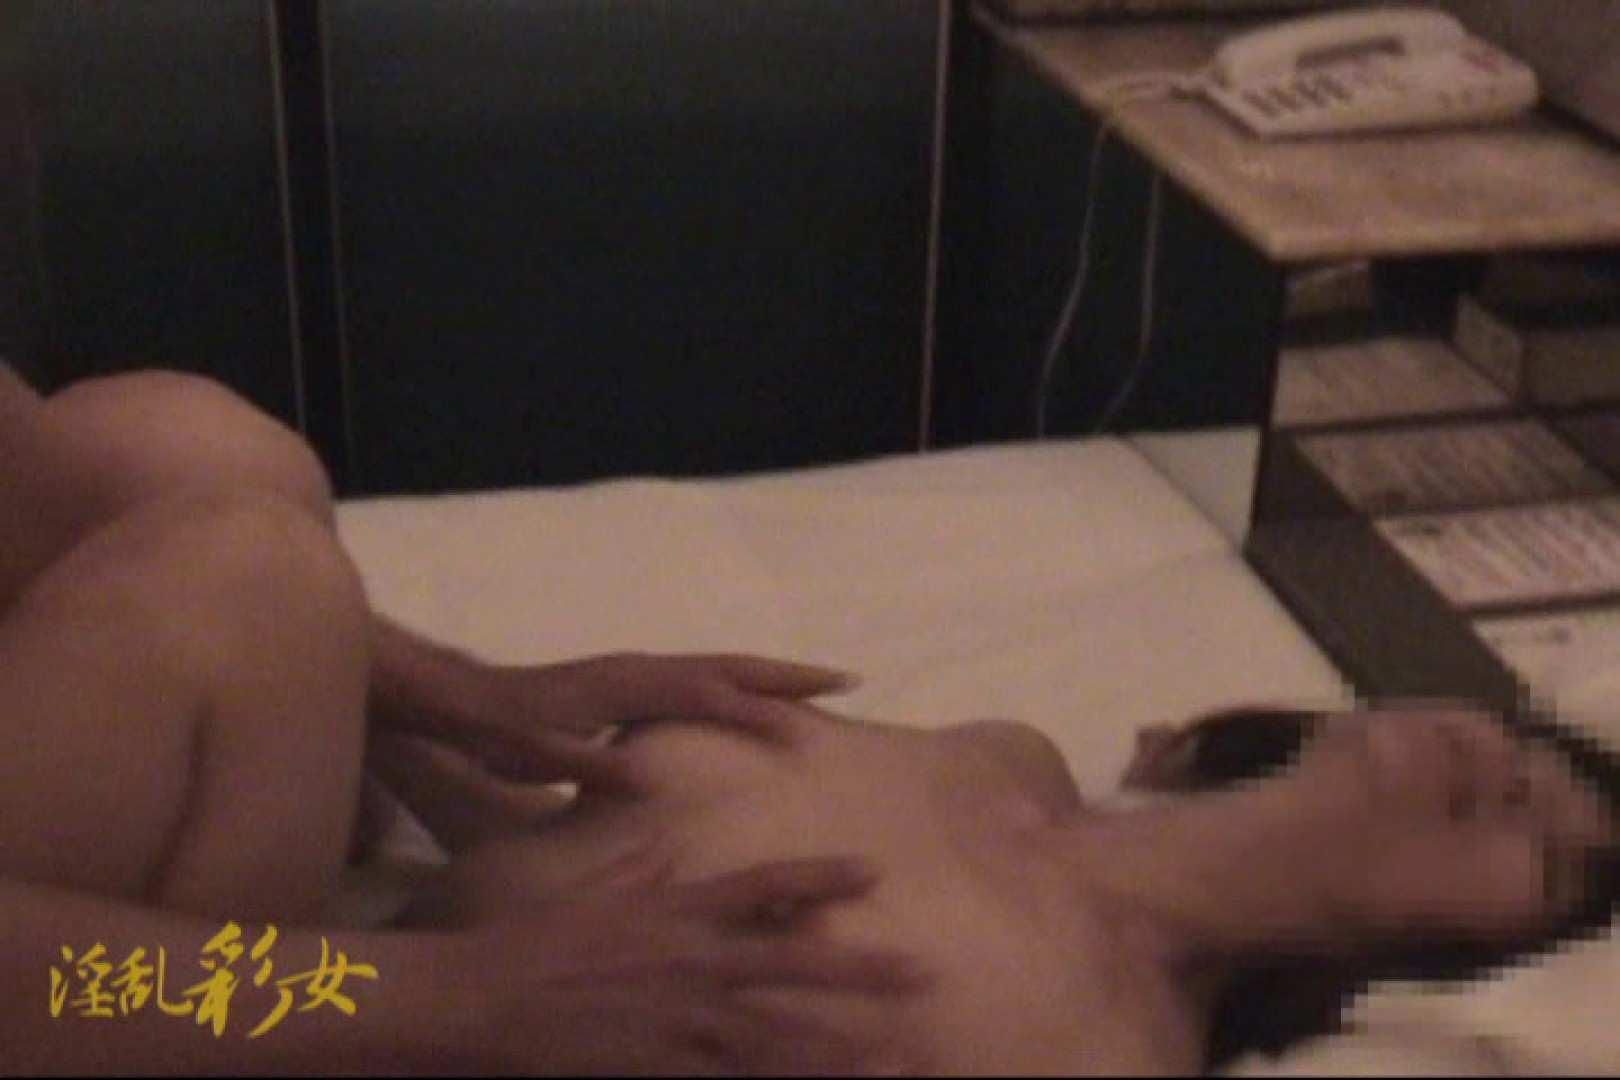 淫乱彩女 麻優里 ホテルで3P絶倫編 3P | 淫乱  83pic 33